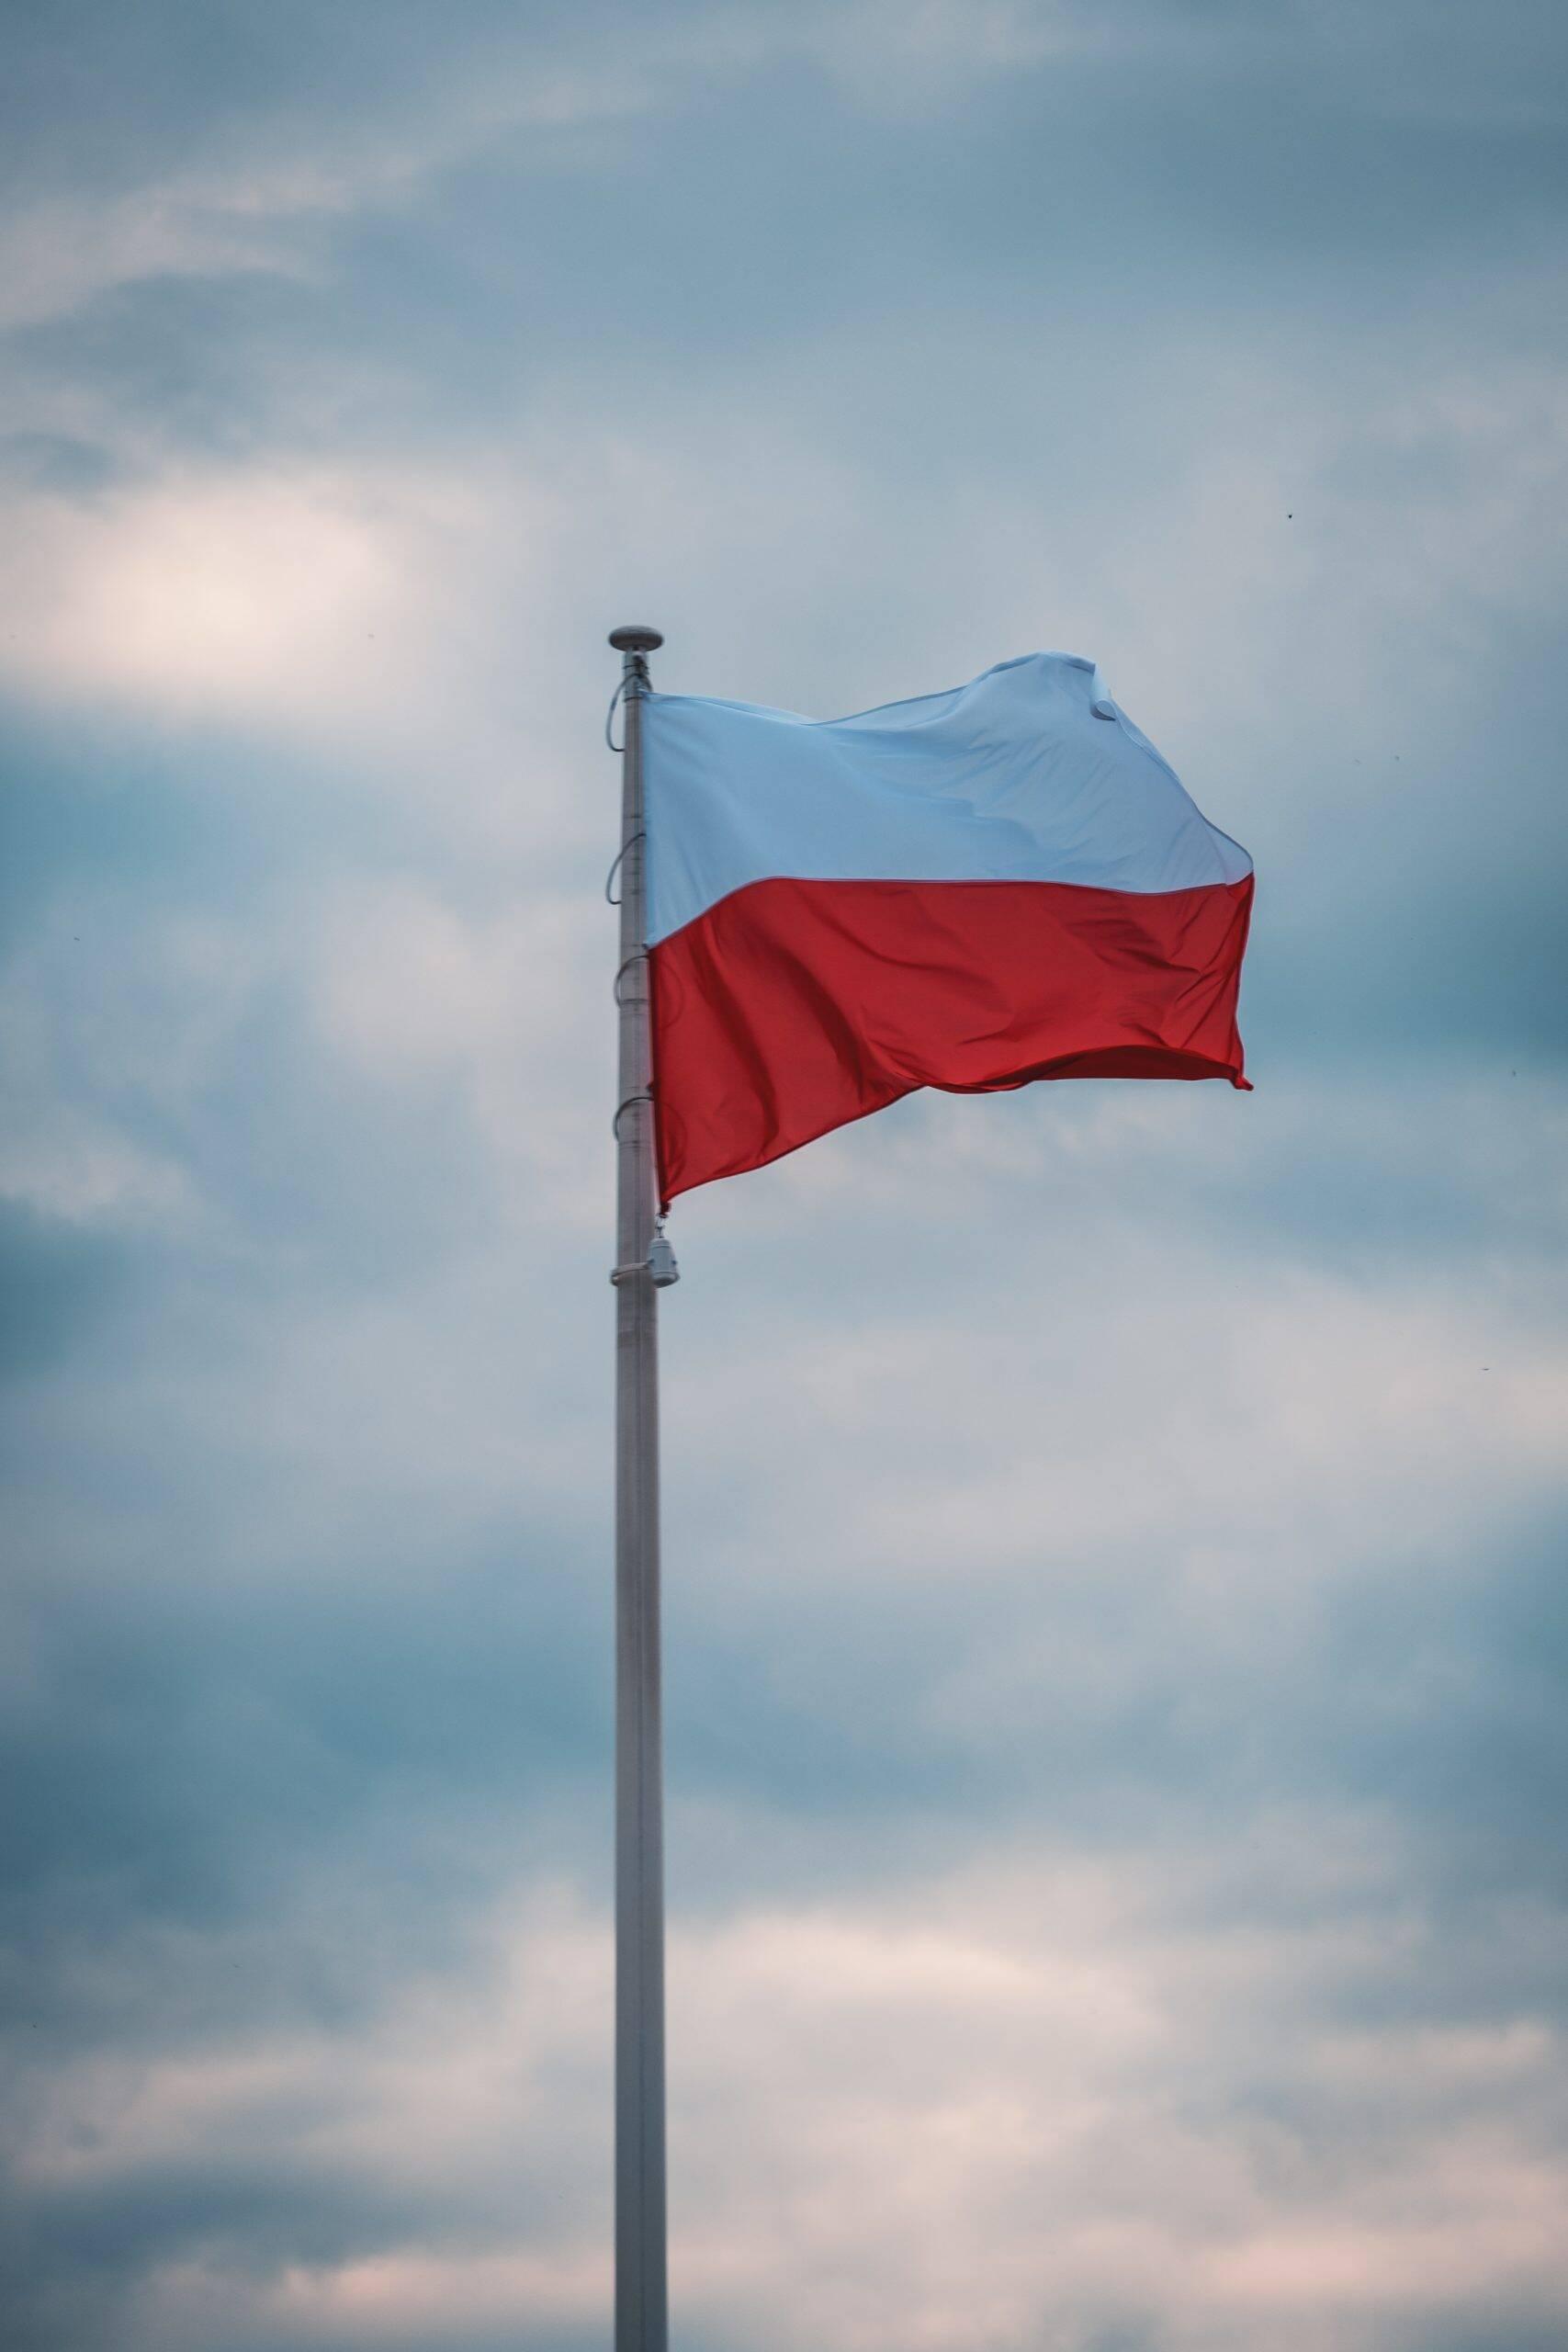 Polônia ocupa a 18° posição. Para incentivar a vacinação no país, o governo criou uma loteria com prêmio em dinheiro de até R$ 1,45 milhão. (Foto: Unsplash)